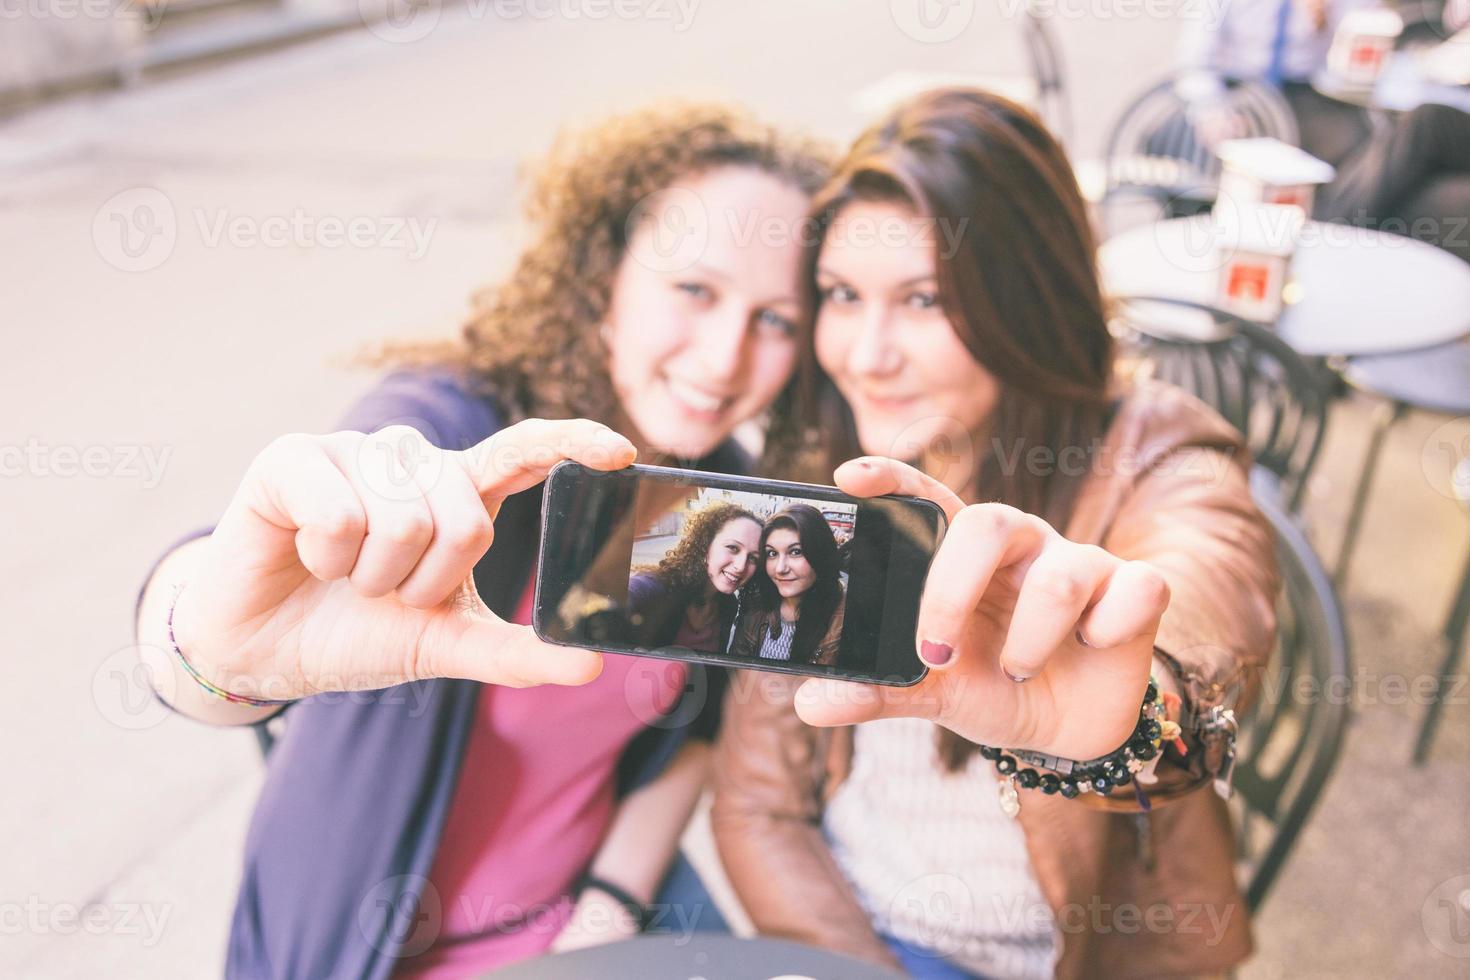 chicas tomando selfie sentado en el bar foto